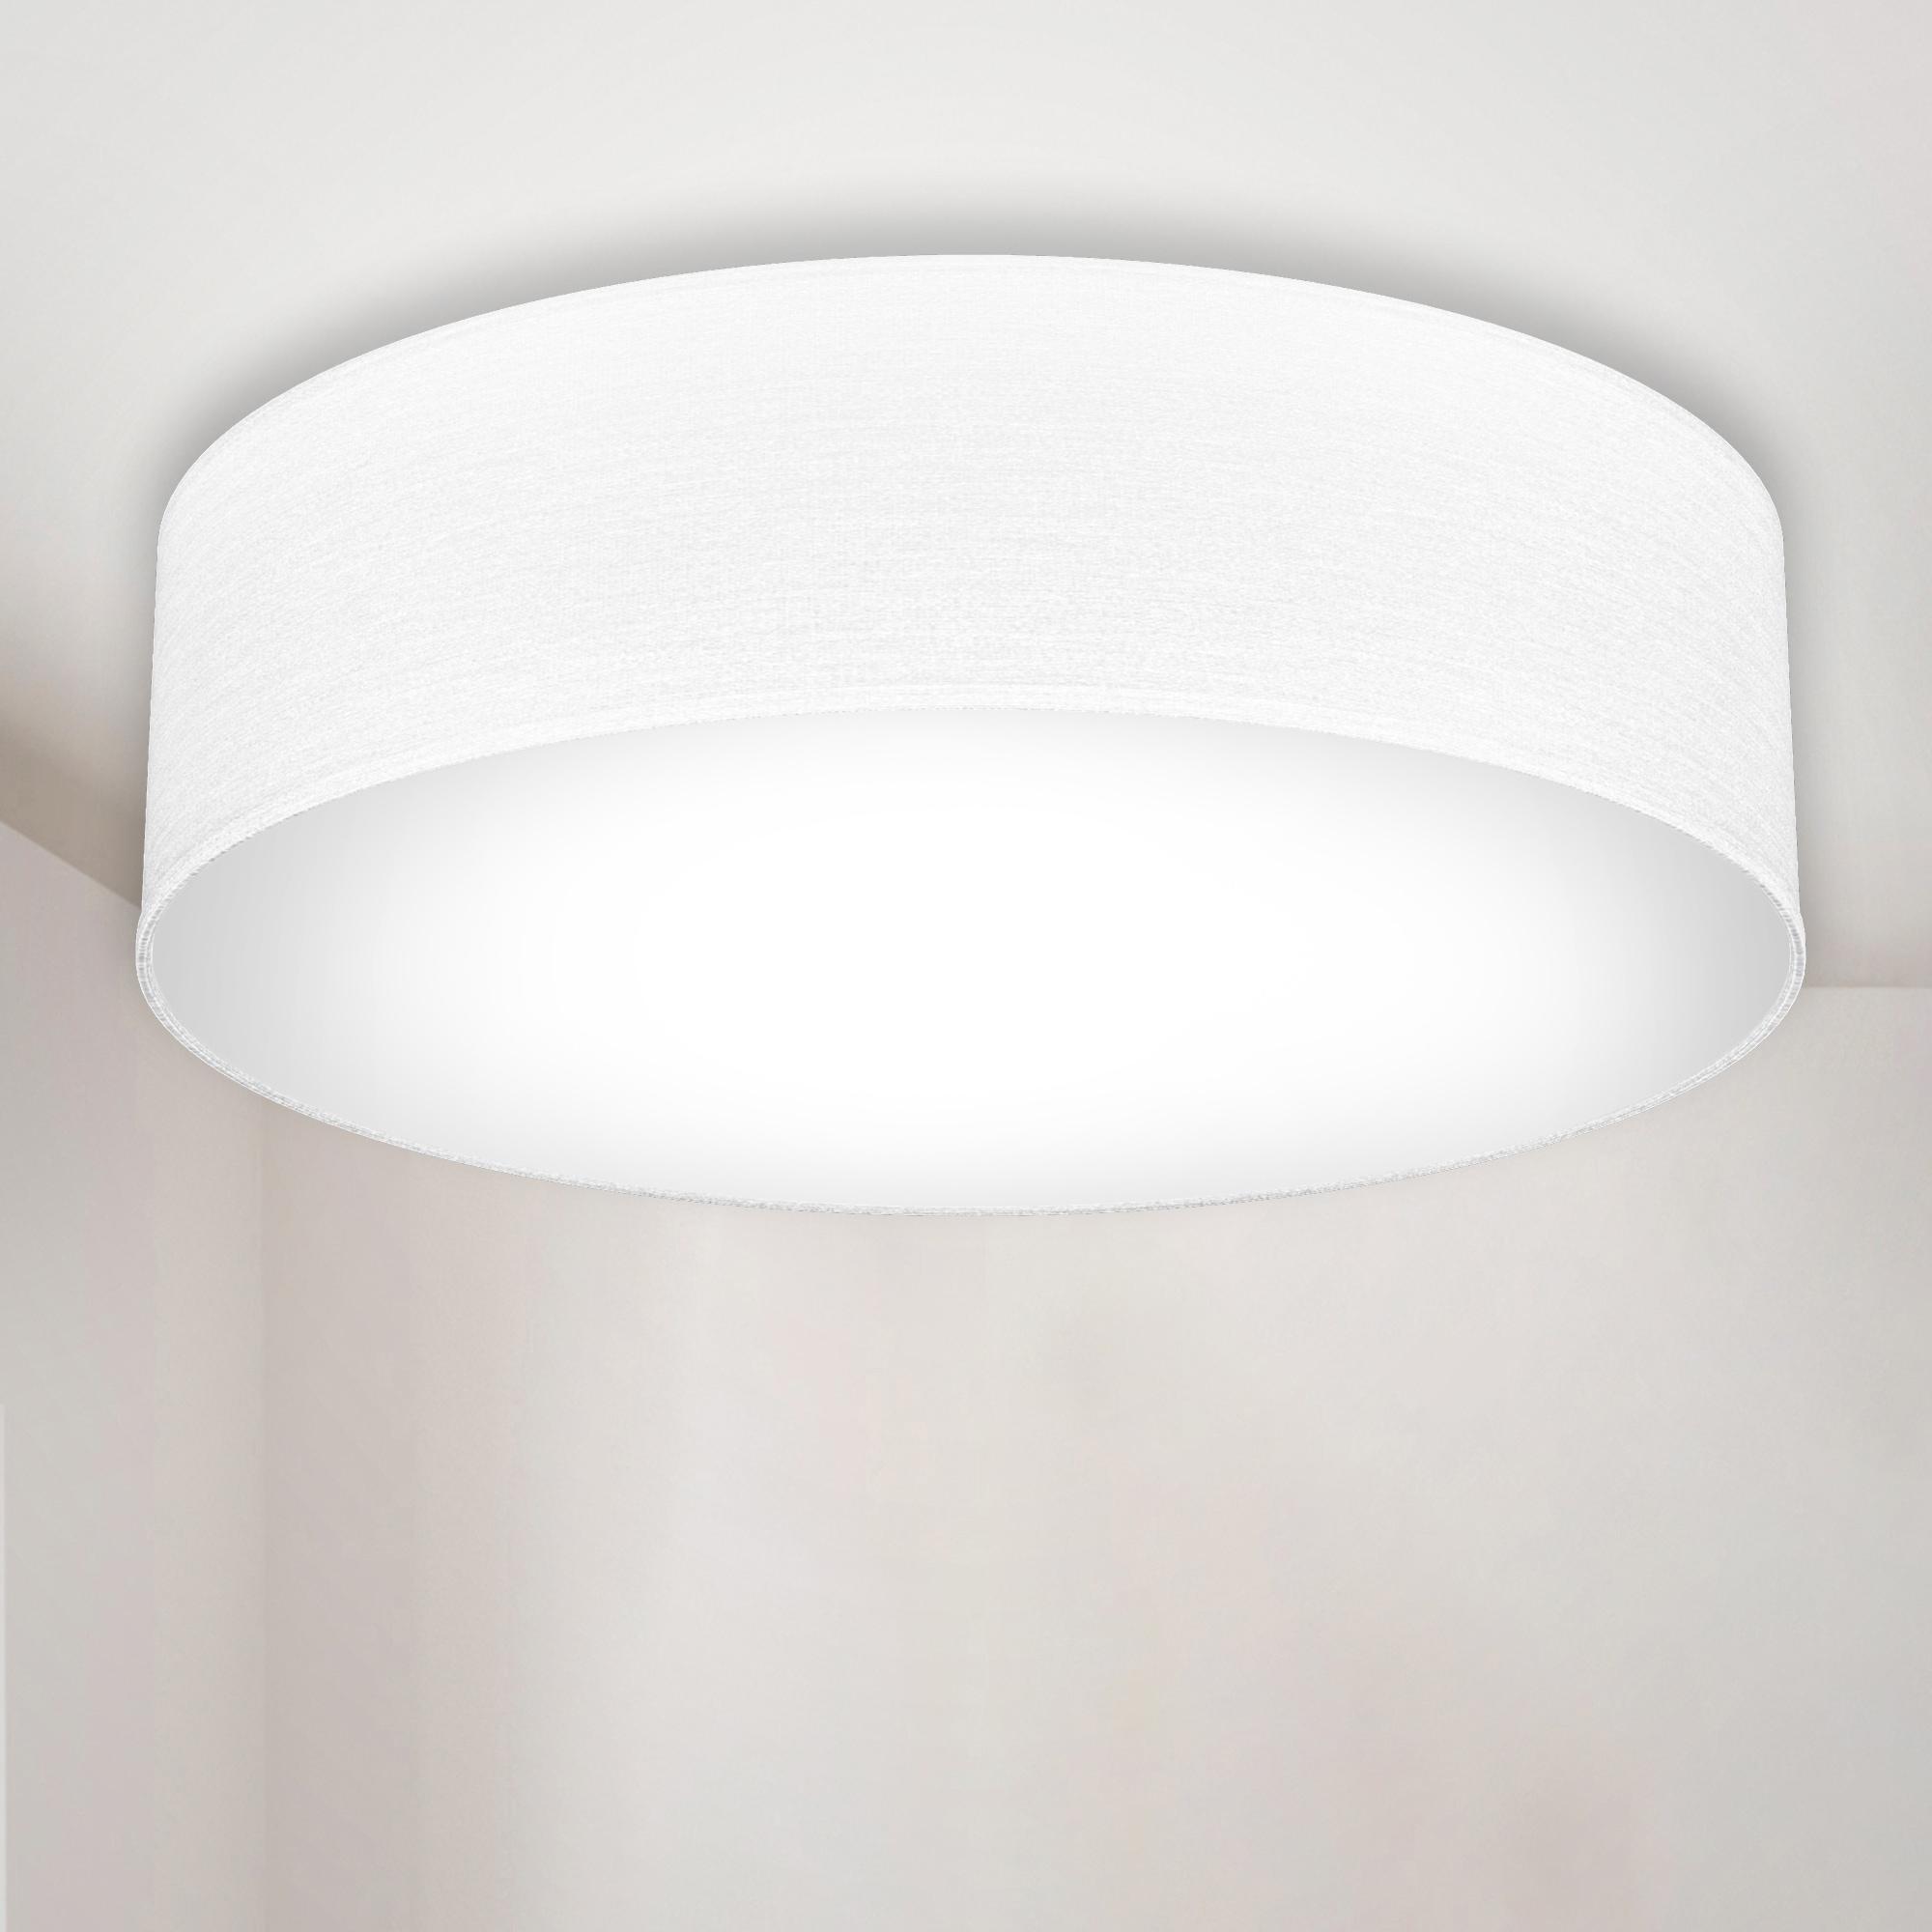 B.K.Licht LED Deckenleuchte, E27, Warmweiß, LED Deckenlampe Stoff Textil Lampenschirm Wohnzimmerlampe Schlafzimmer E27